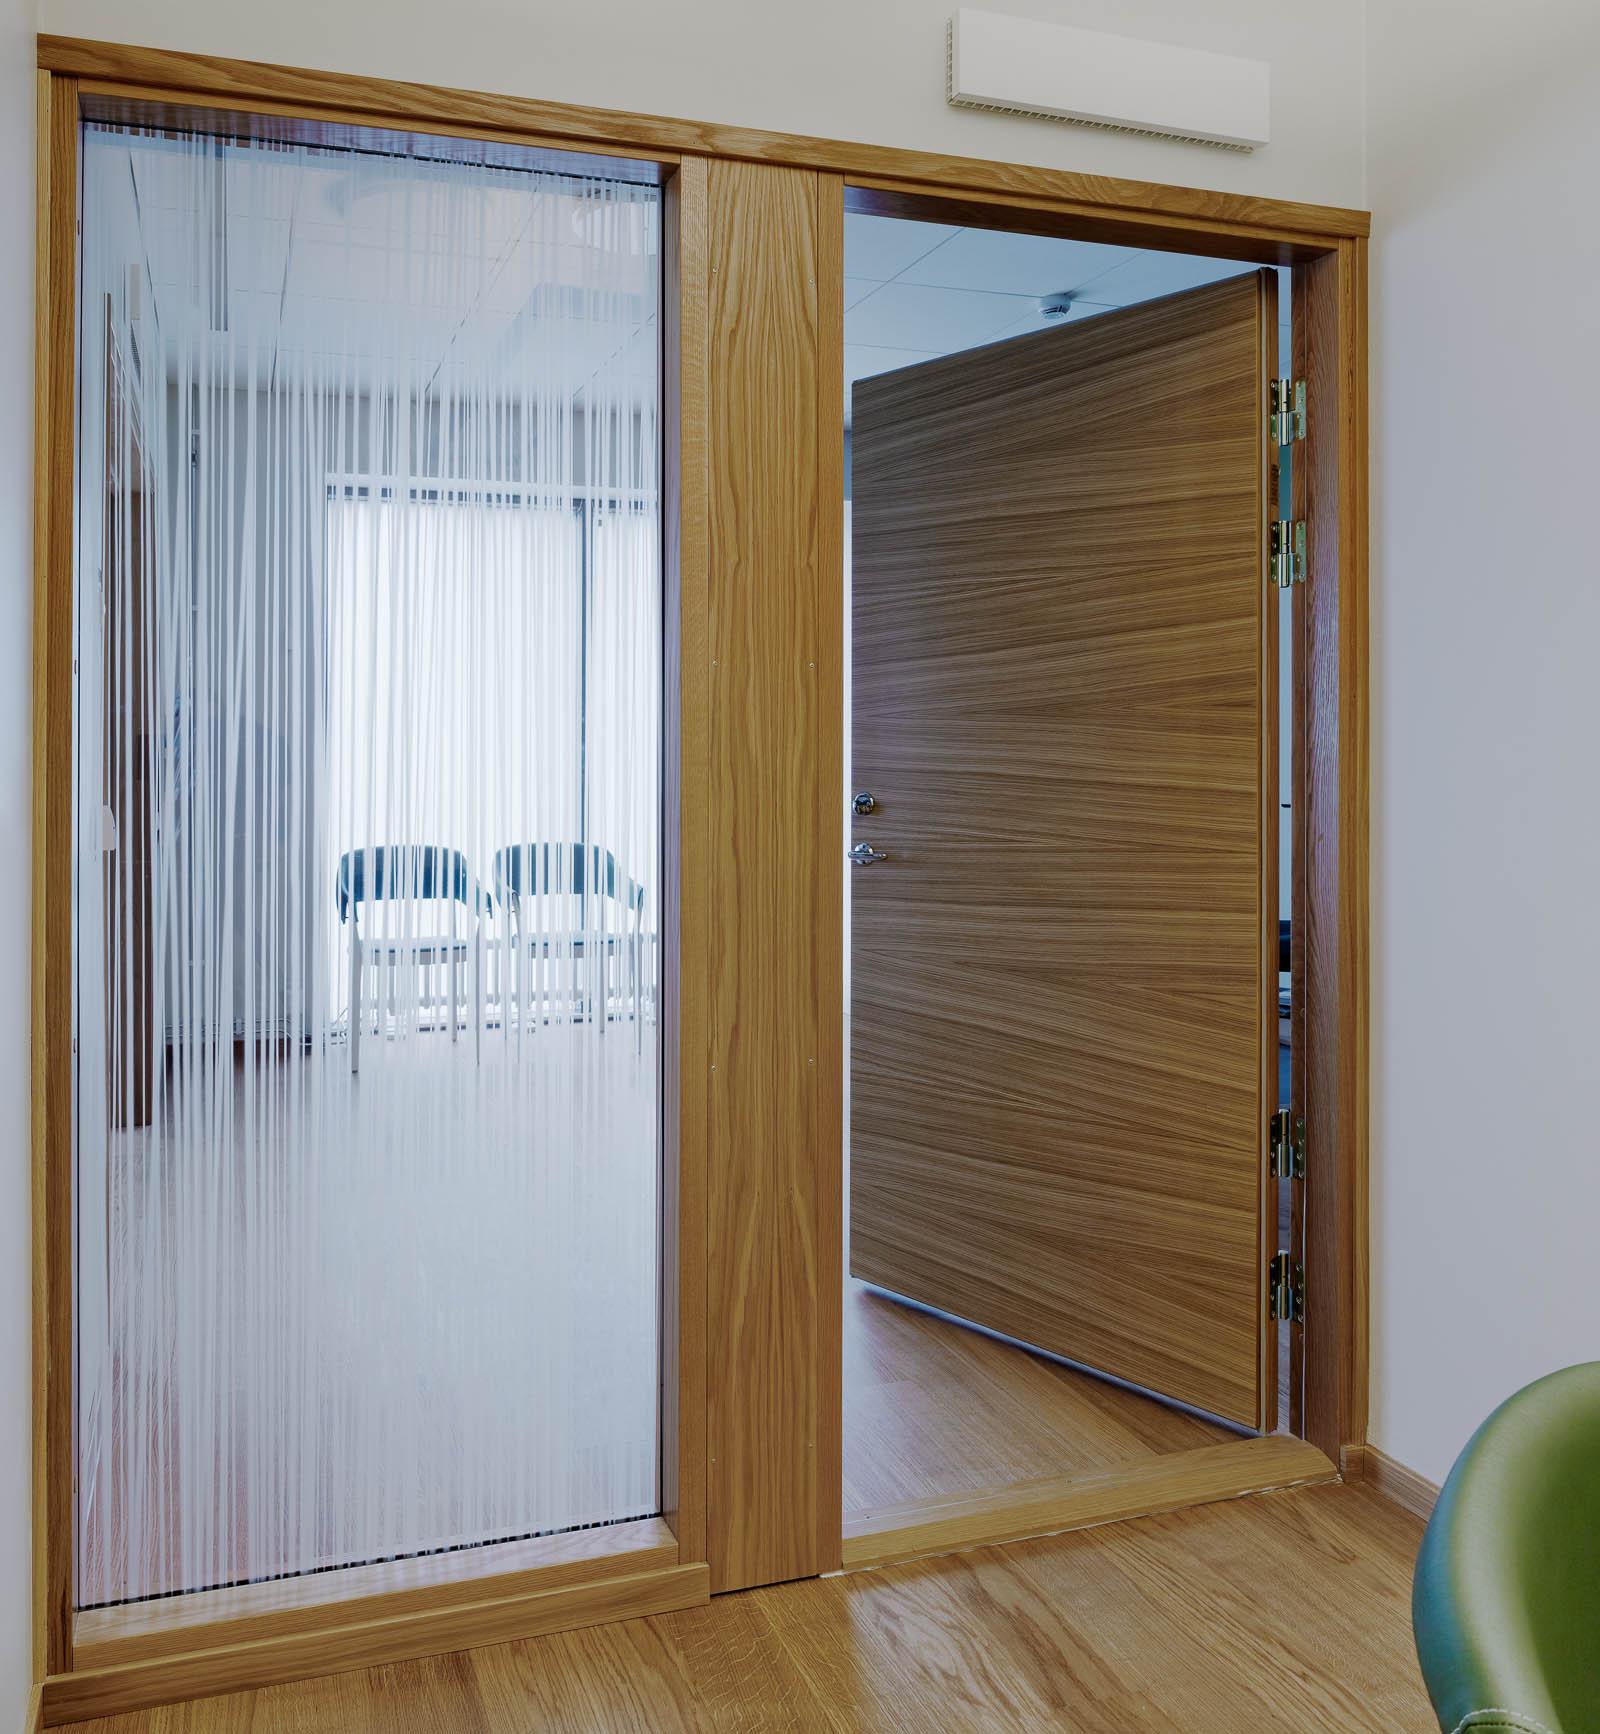 Dörren in till rummet. Ingegerd Råman, Crystal Curtain (2013)